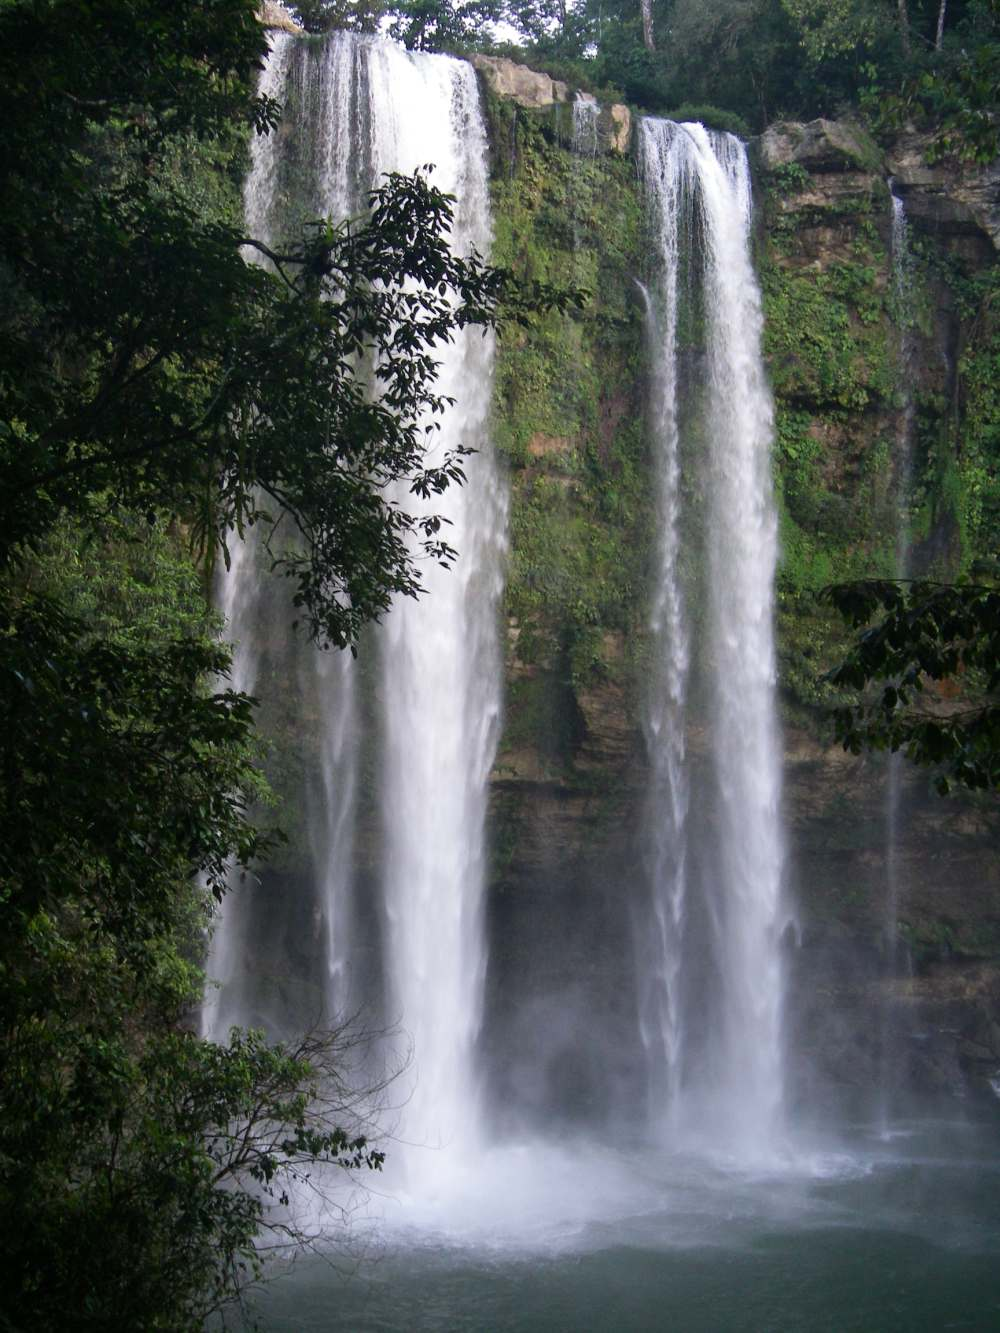 Hoher Wasserfall im Dschungel.